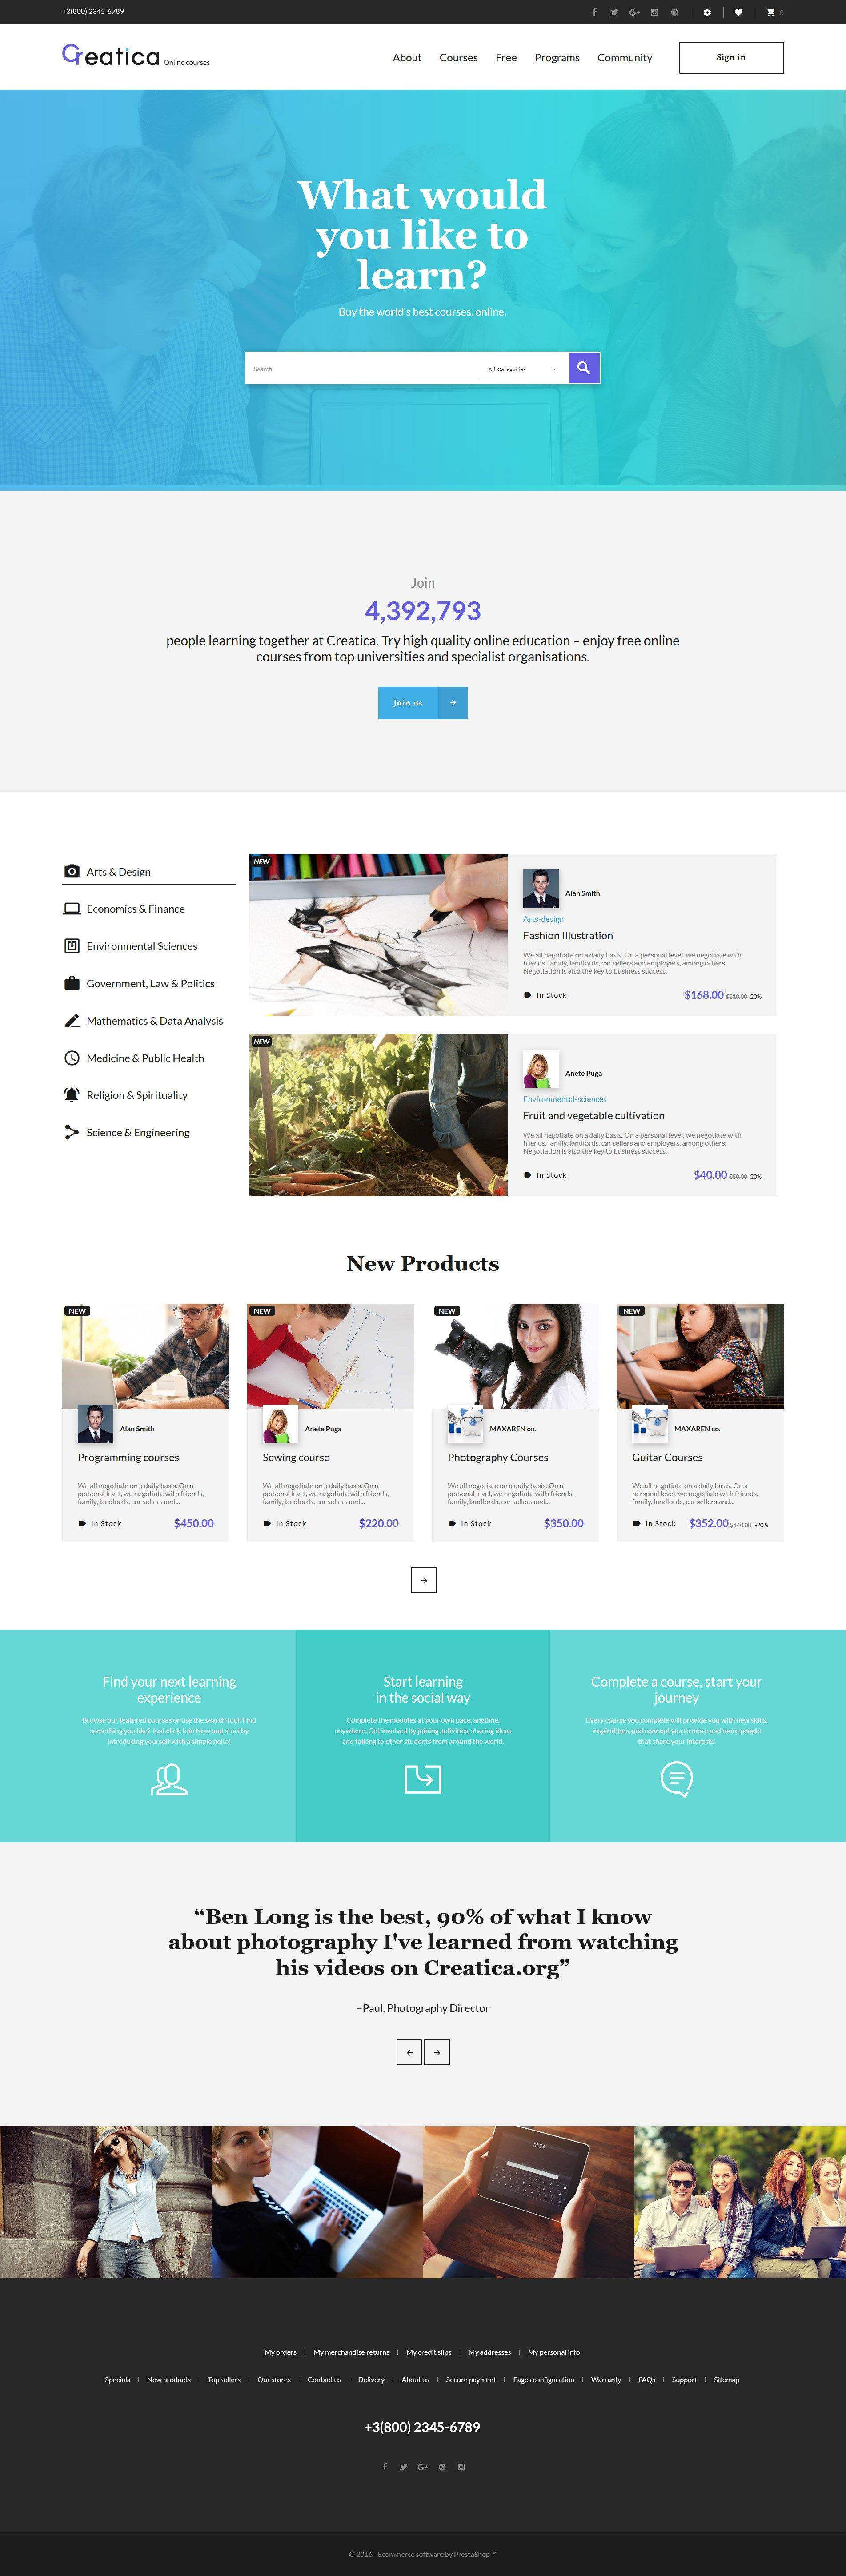 Reszponzív Creatica - Online Courses PrestaShop sablon 61407 - képernyőkép